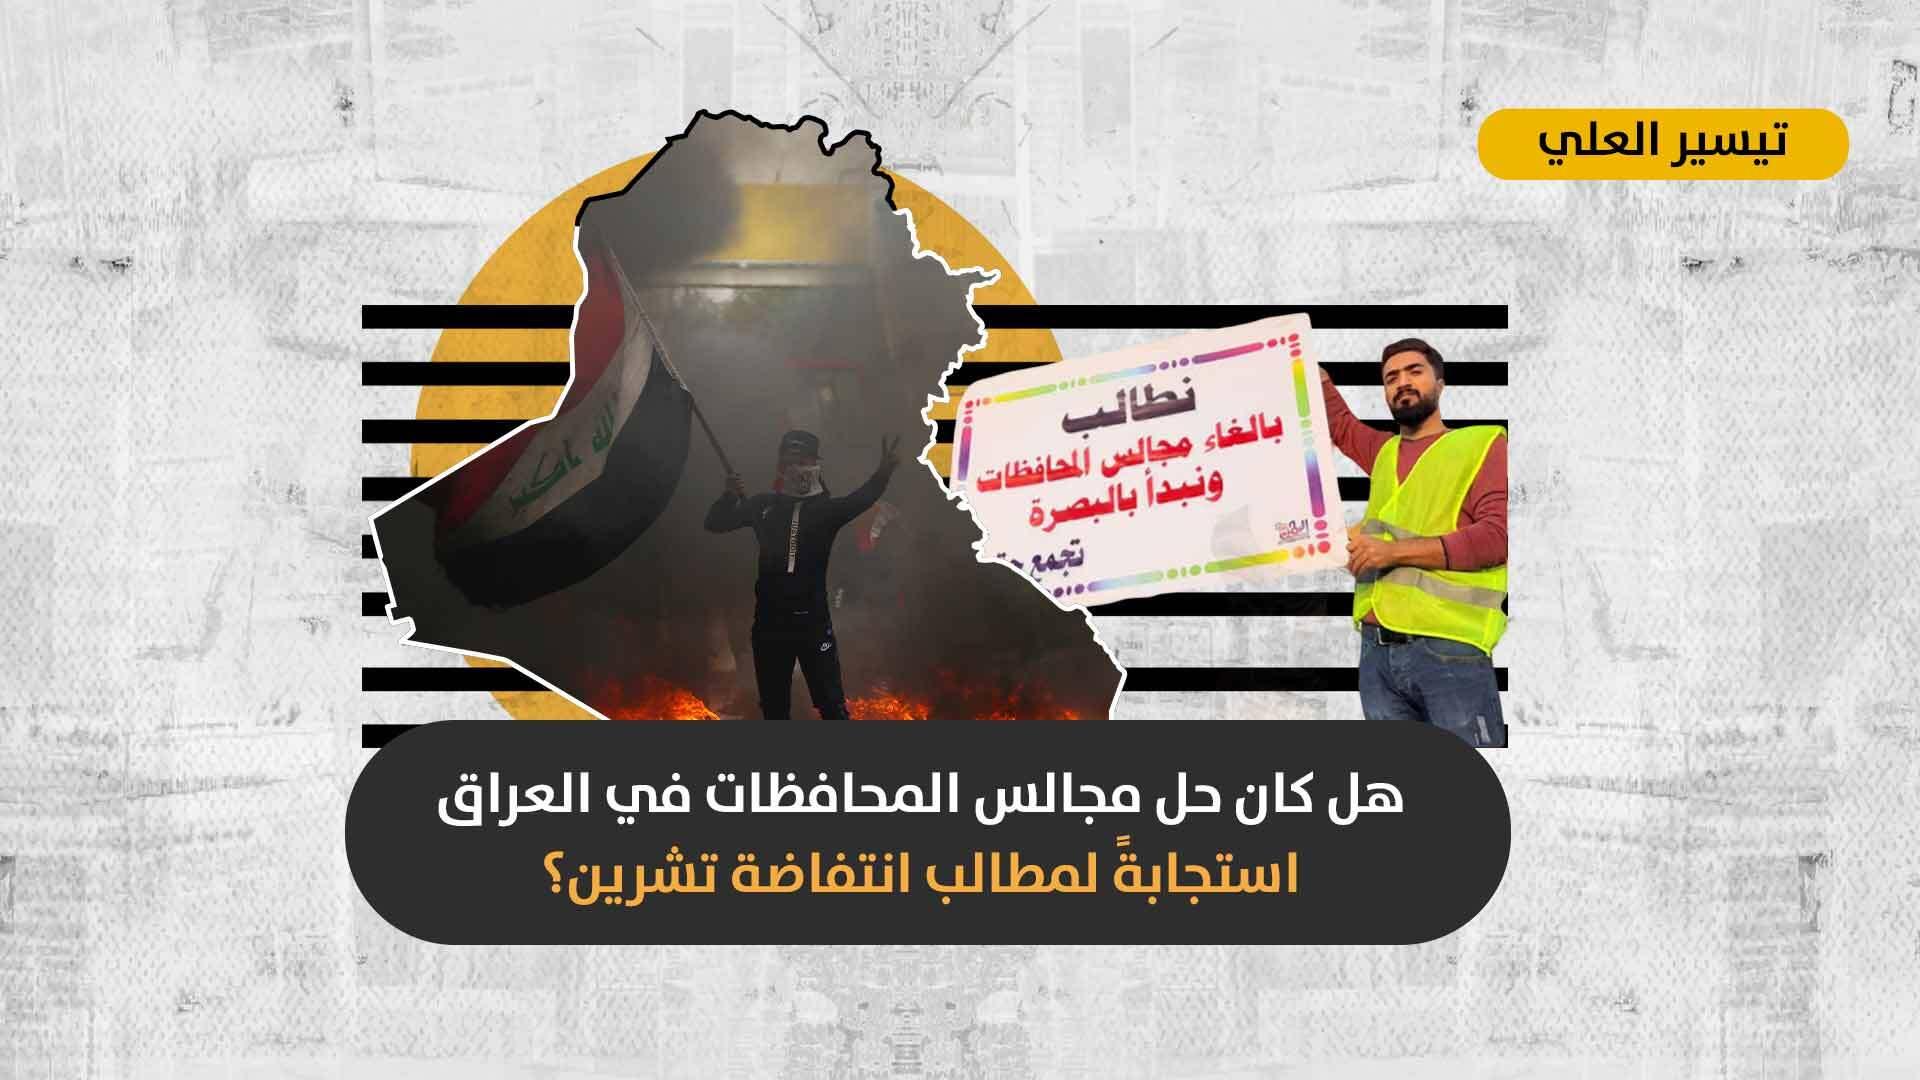 بعد تسريح أعضائها تحت الضغط الشعبي: هل سيؤدي عدم البت بمصير مجالس المحافظات في العراق إلى أزمة دستورية؟